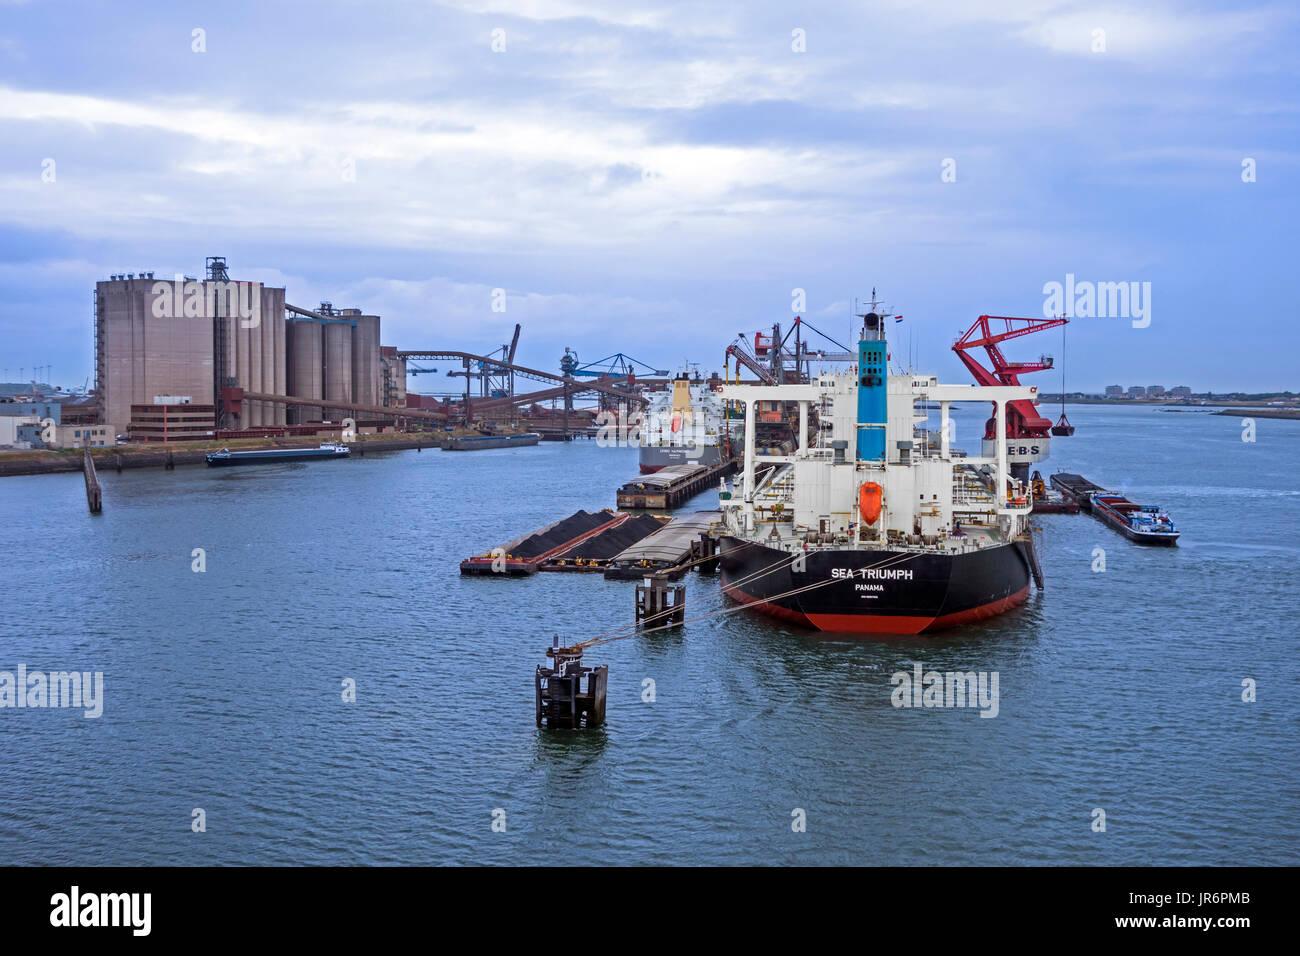 Triunfo de mar, granelero desde Panamá atracó en el puerto de Rotterdam, Países Bajos Imagen De Stock